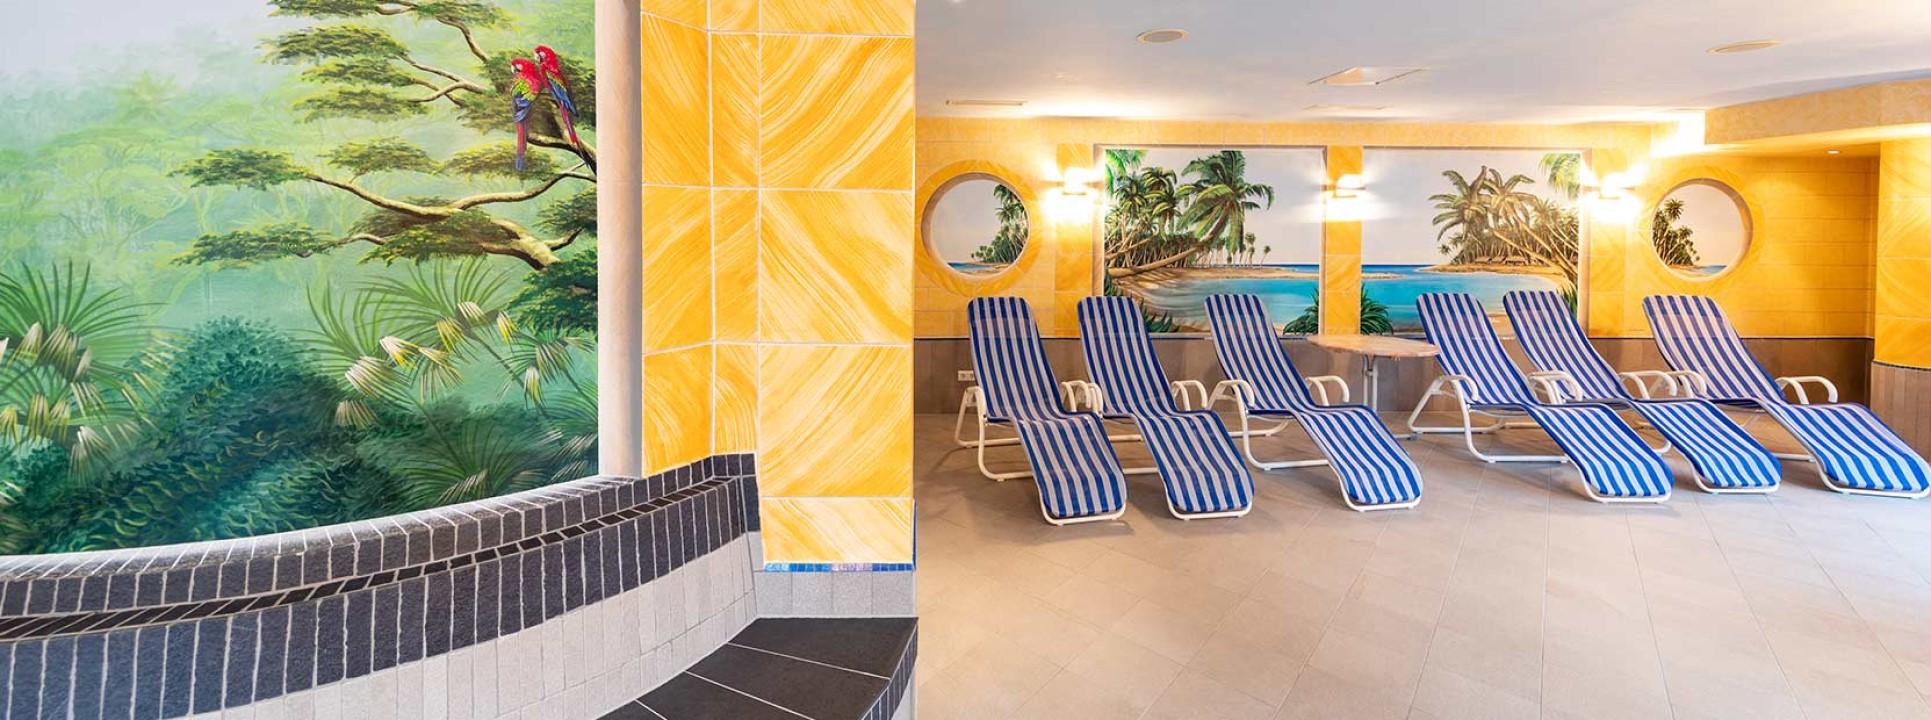 Bokan exclusiv Hotel-Gasthof